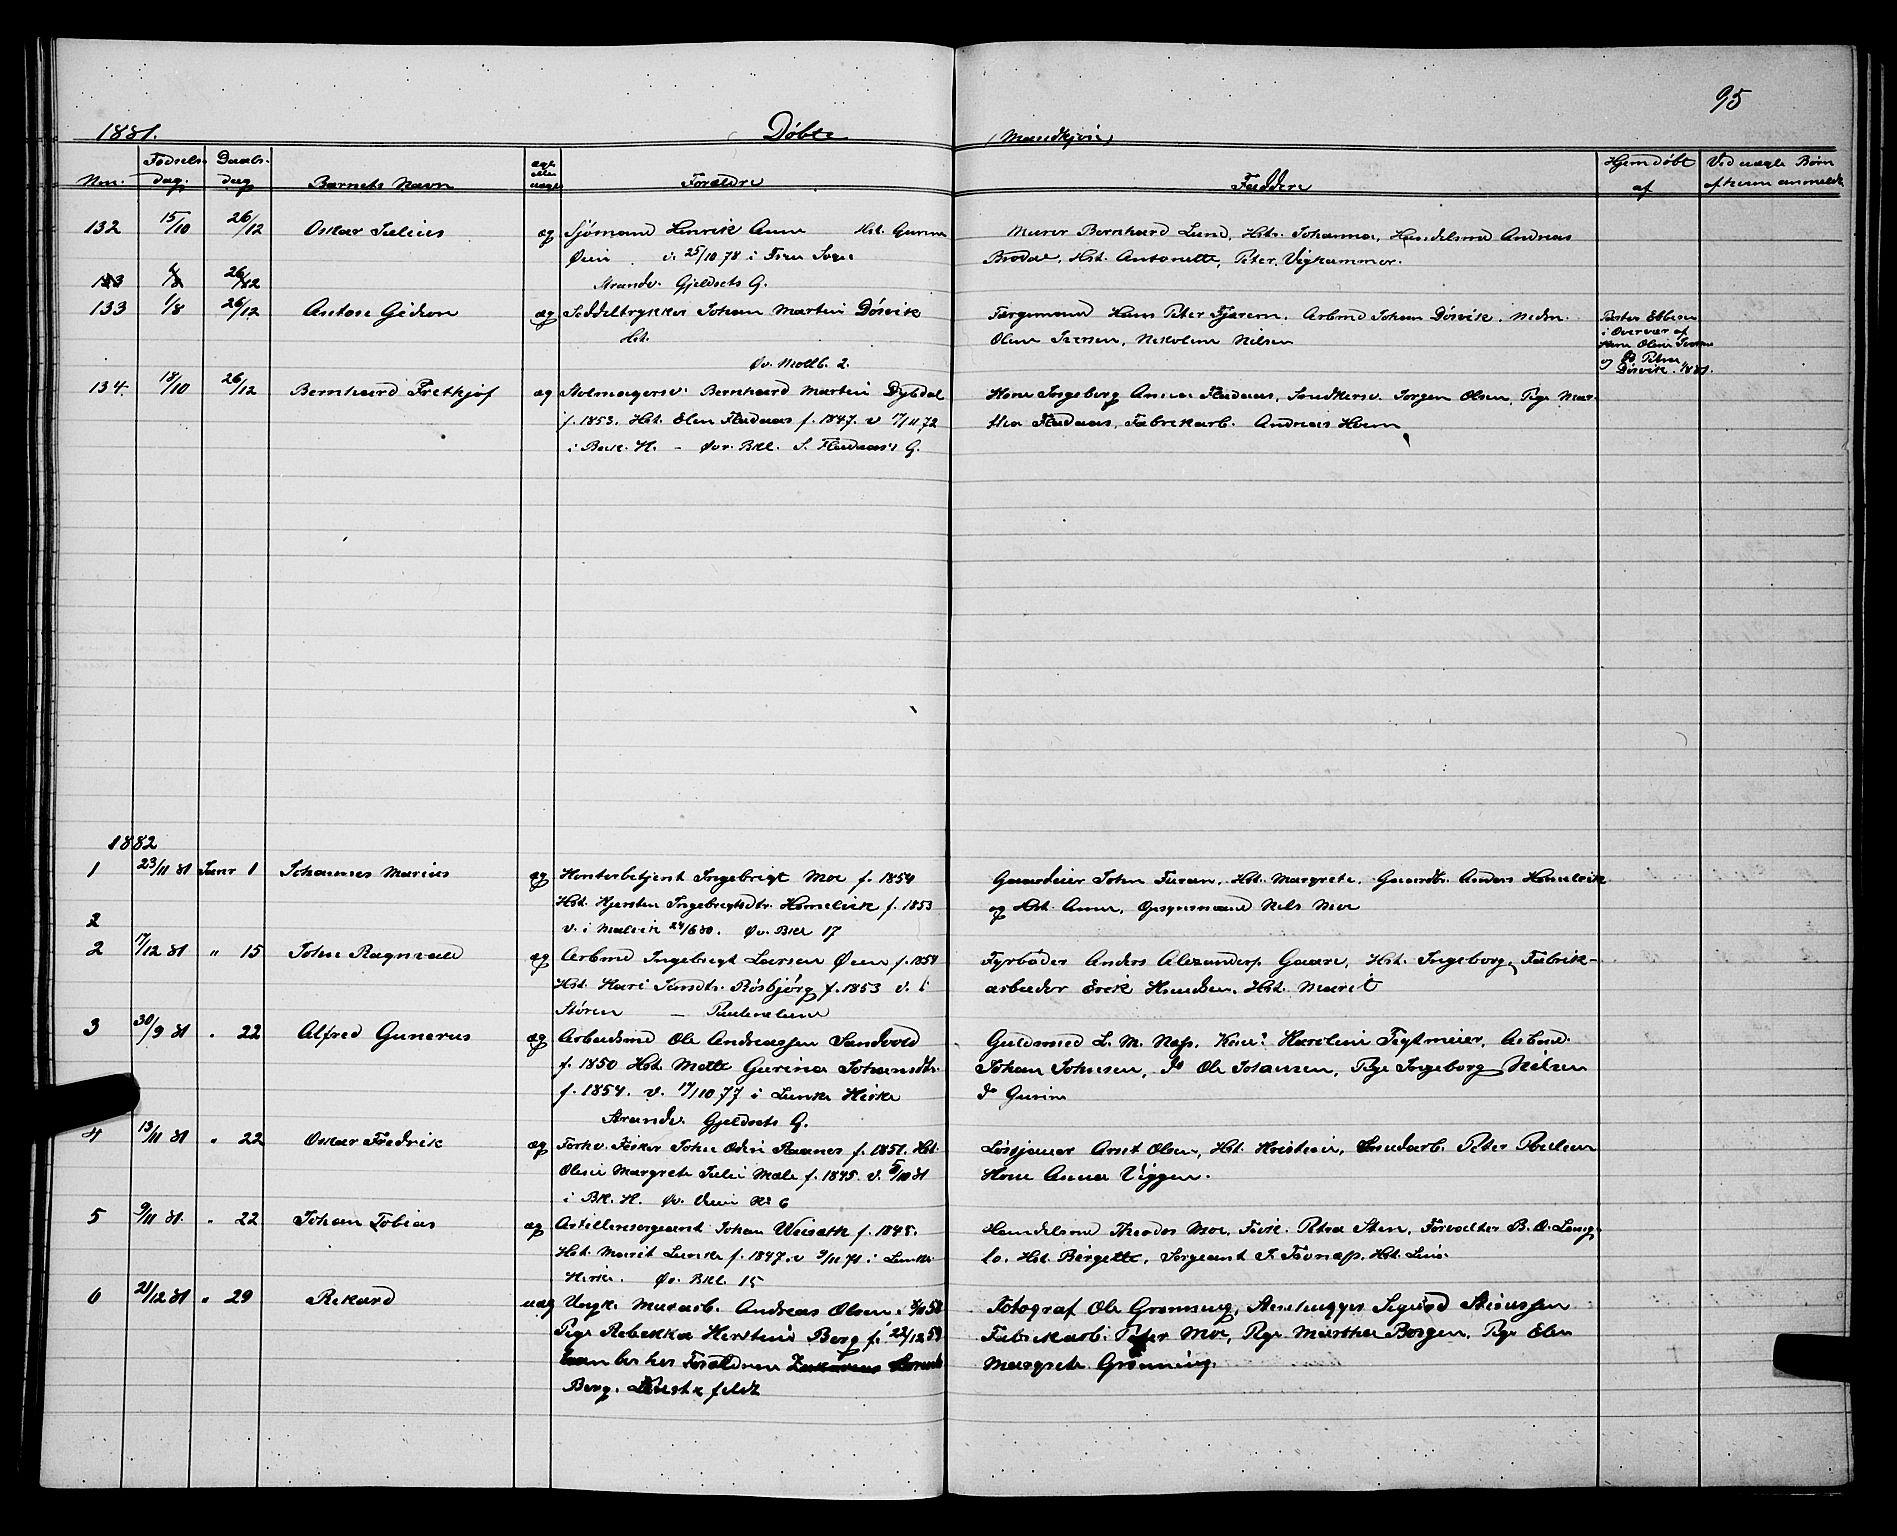 SAT, Ministerialprotokoller, klokkerbøker og fødselsregistre - Sør-Trøndelag, 604/L0220: Klokkerbok nr. 604C03, 1870-1885, s. 95